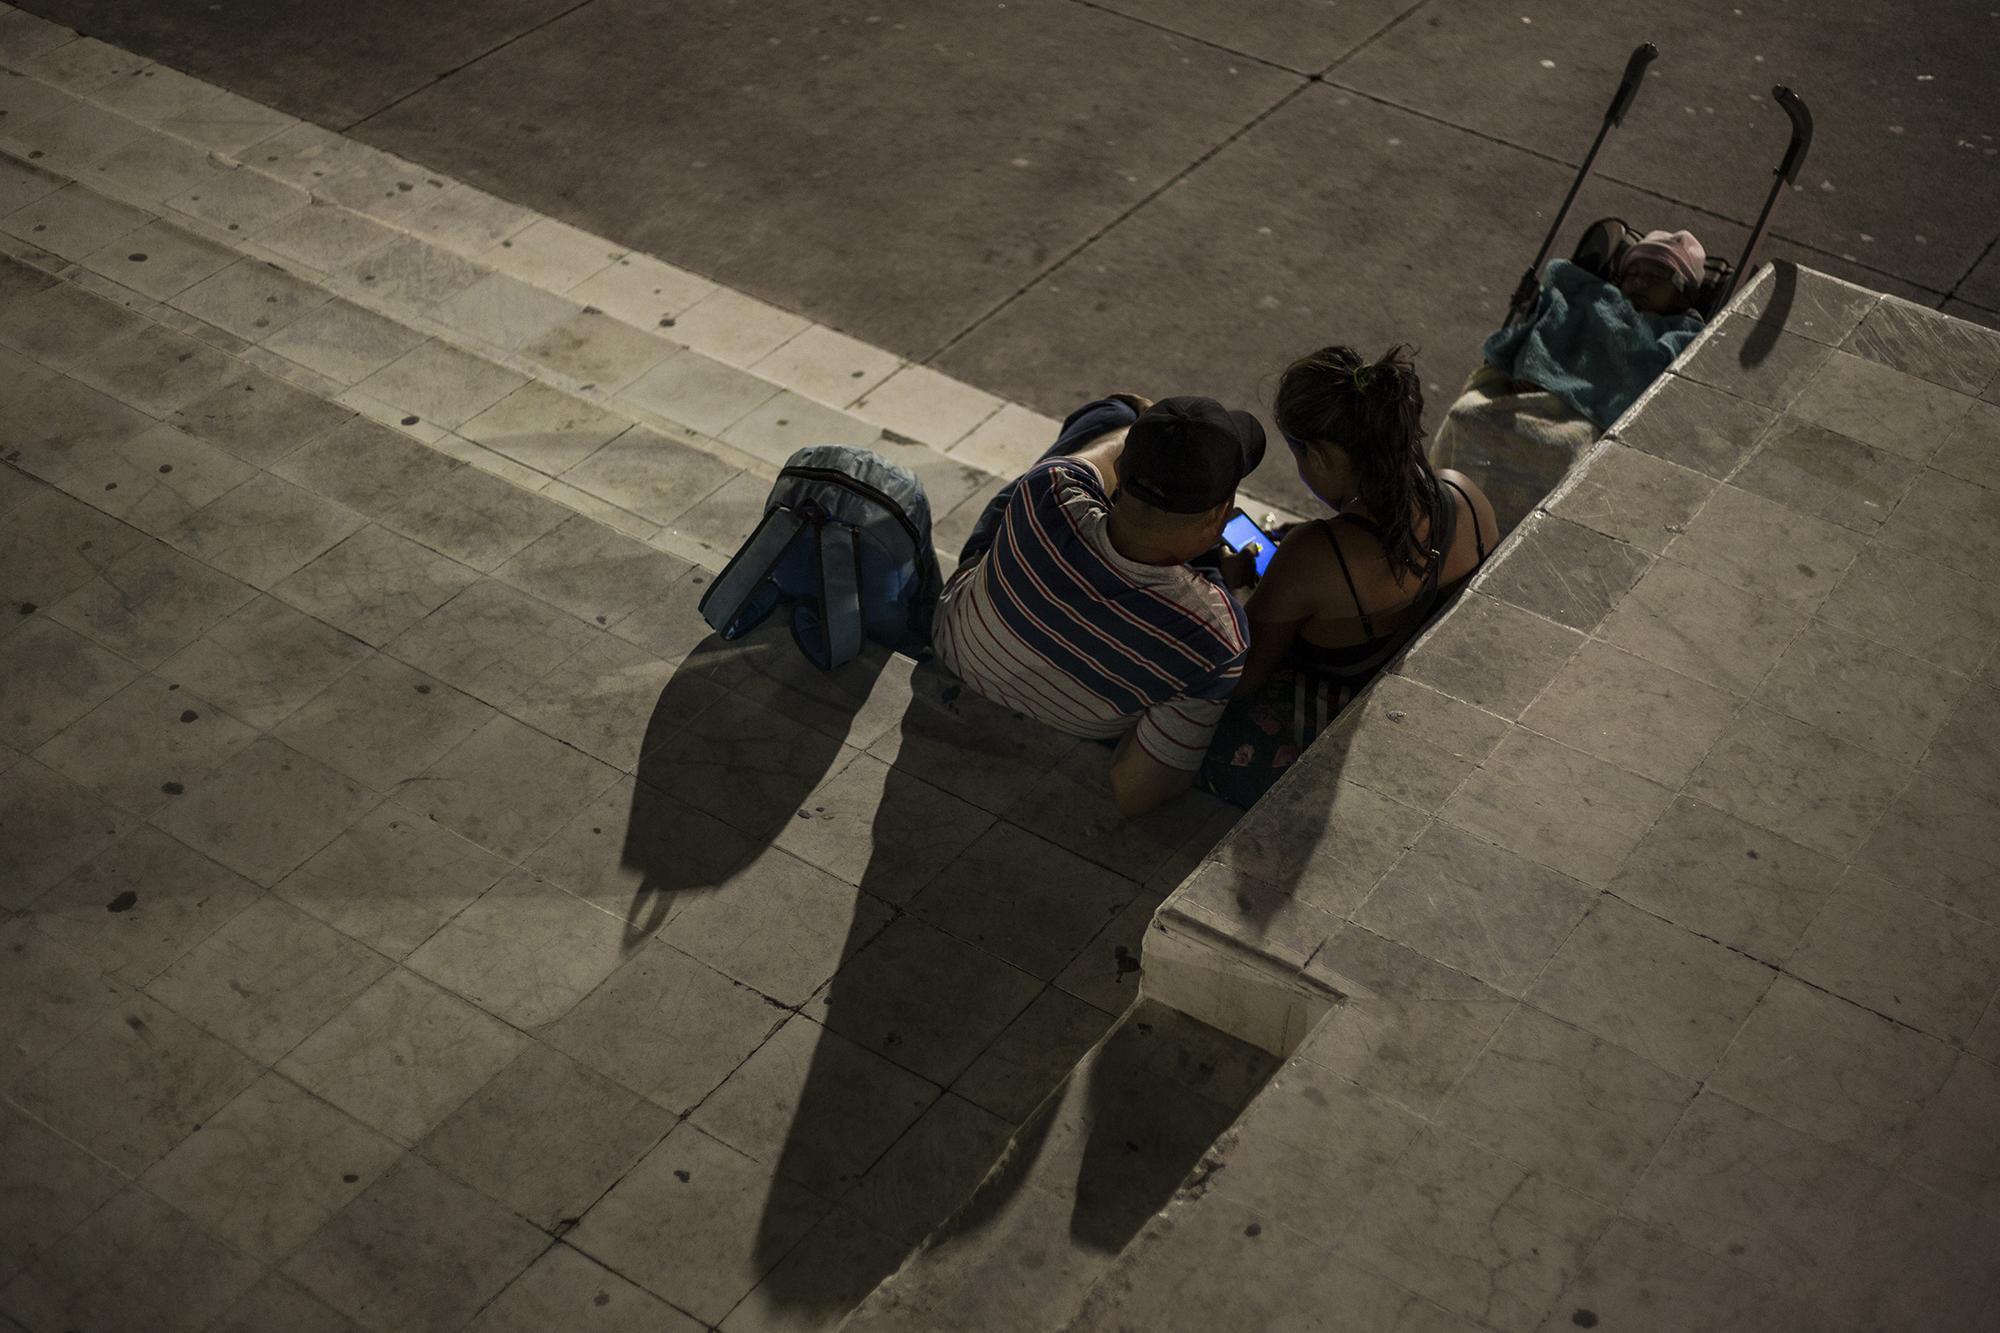 Una pareja originaria del municipio de Tonacatepeque, departamento de San Salvador, espera la salida de la nueva caravana. Al igual que Kevin, la pareja huye de amenazas de pandillas en su municipio. Foto: Víctor Peña.